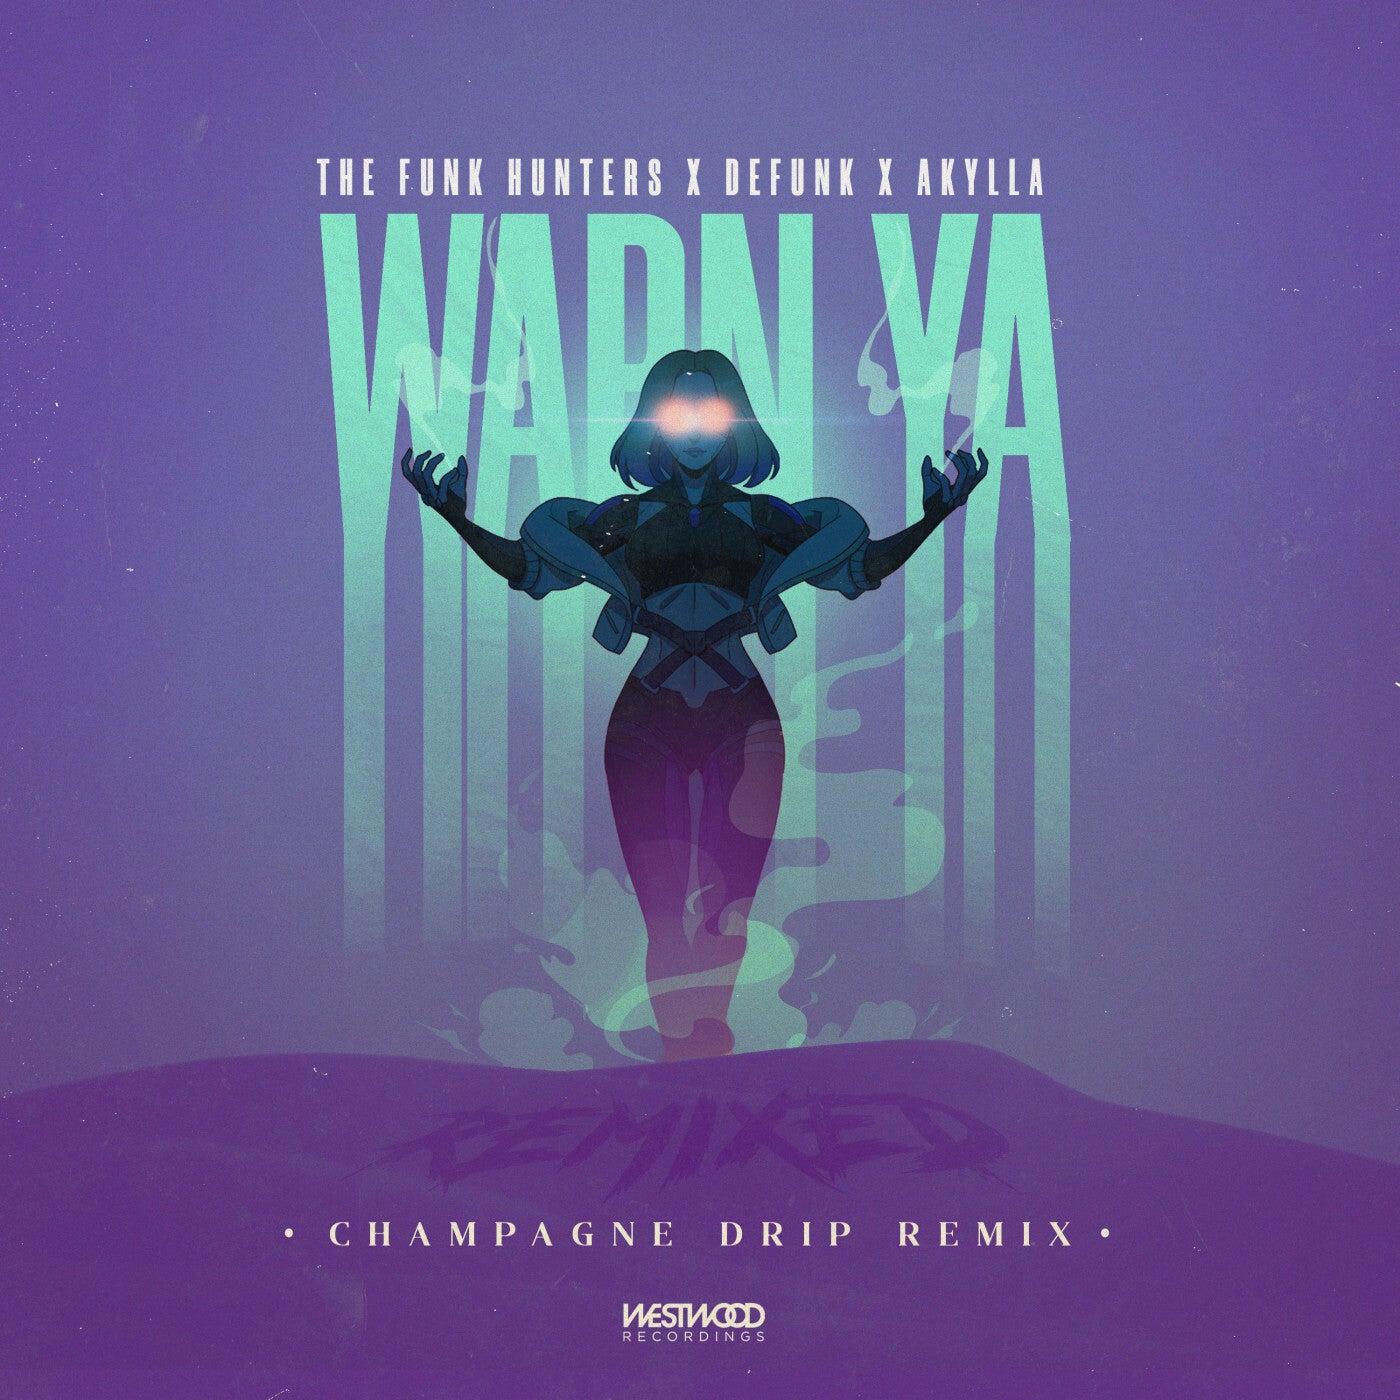 Warn Ya (Champagne Drip Remix)